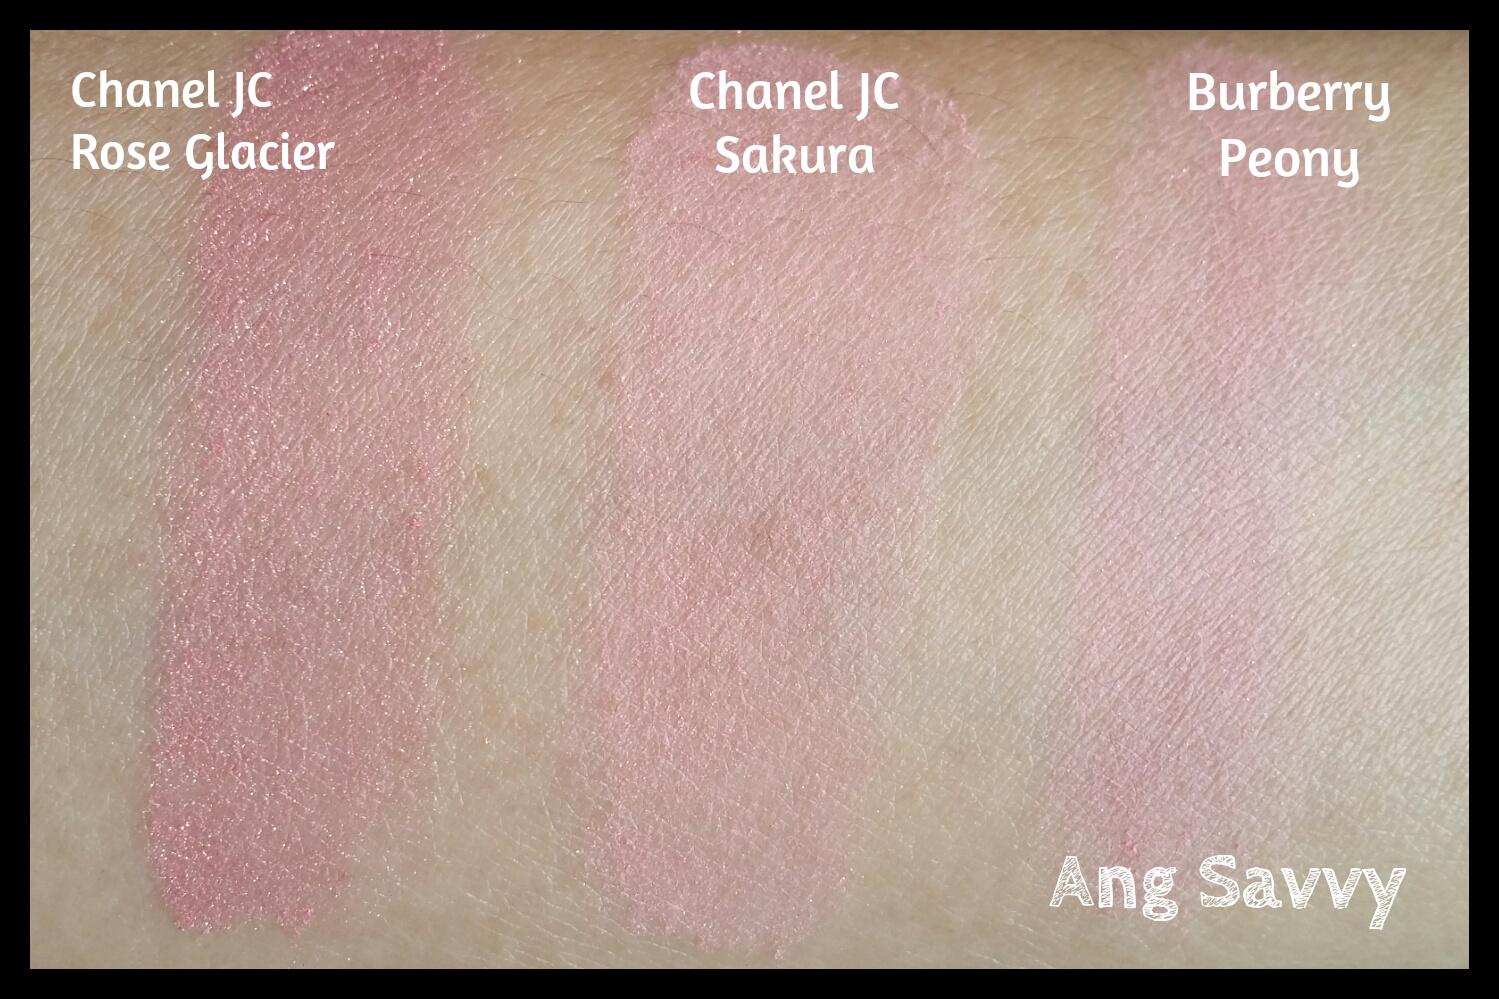 Chanel Joues Contraste Blush 170 Rose Glacier